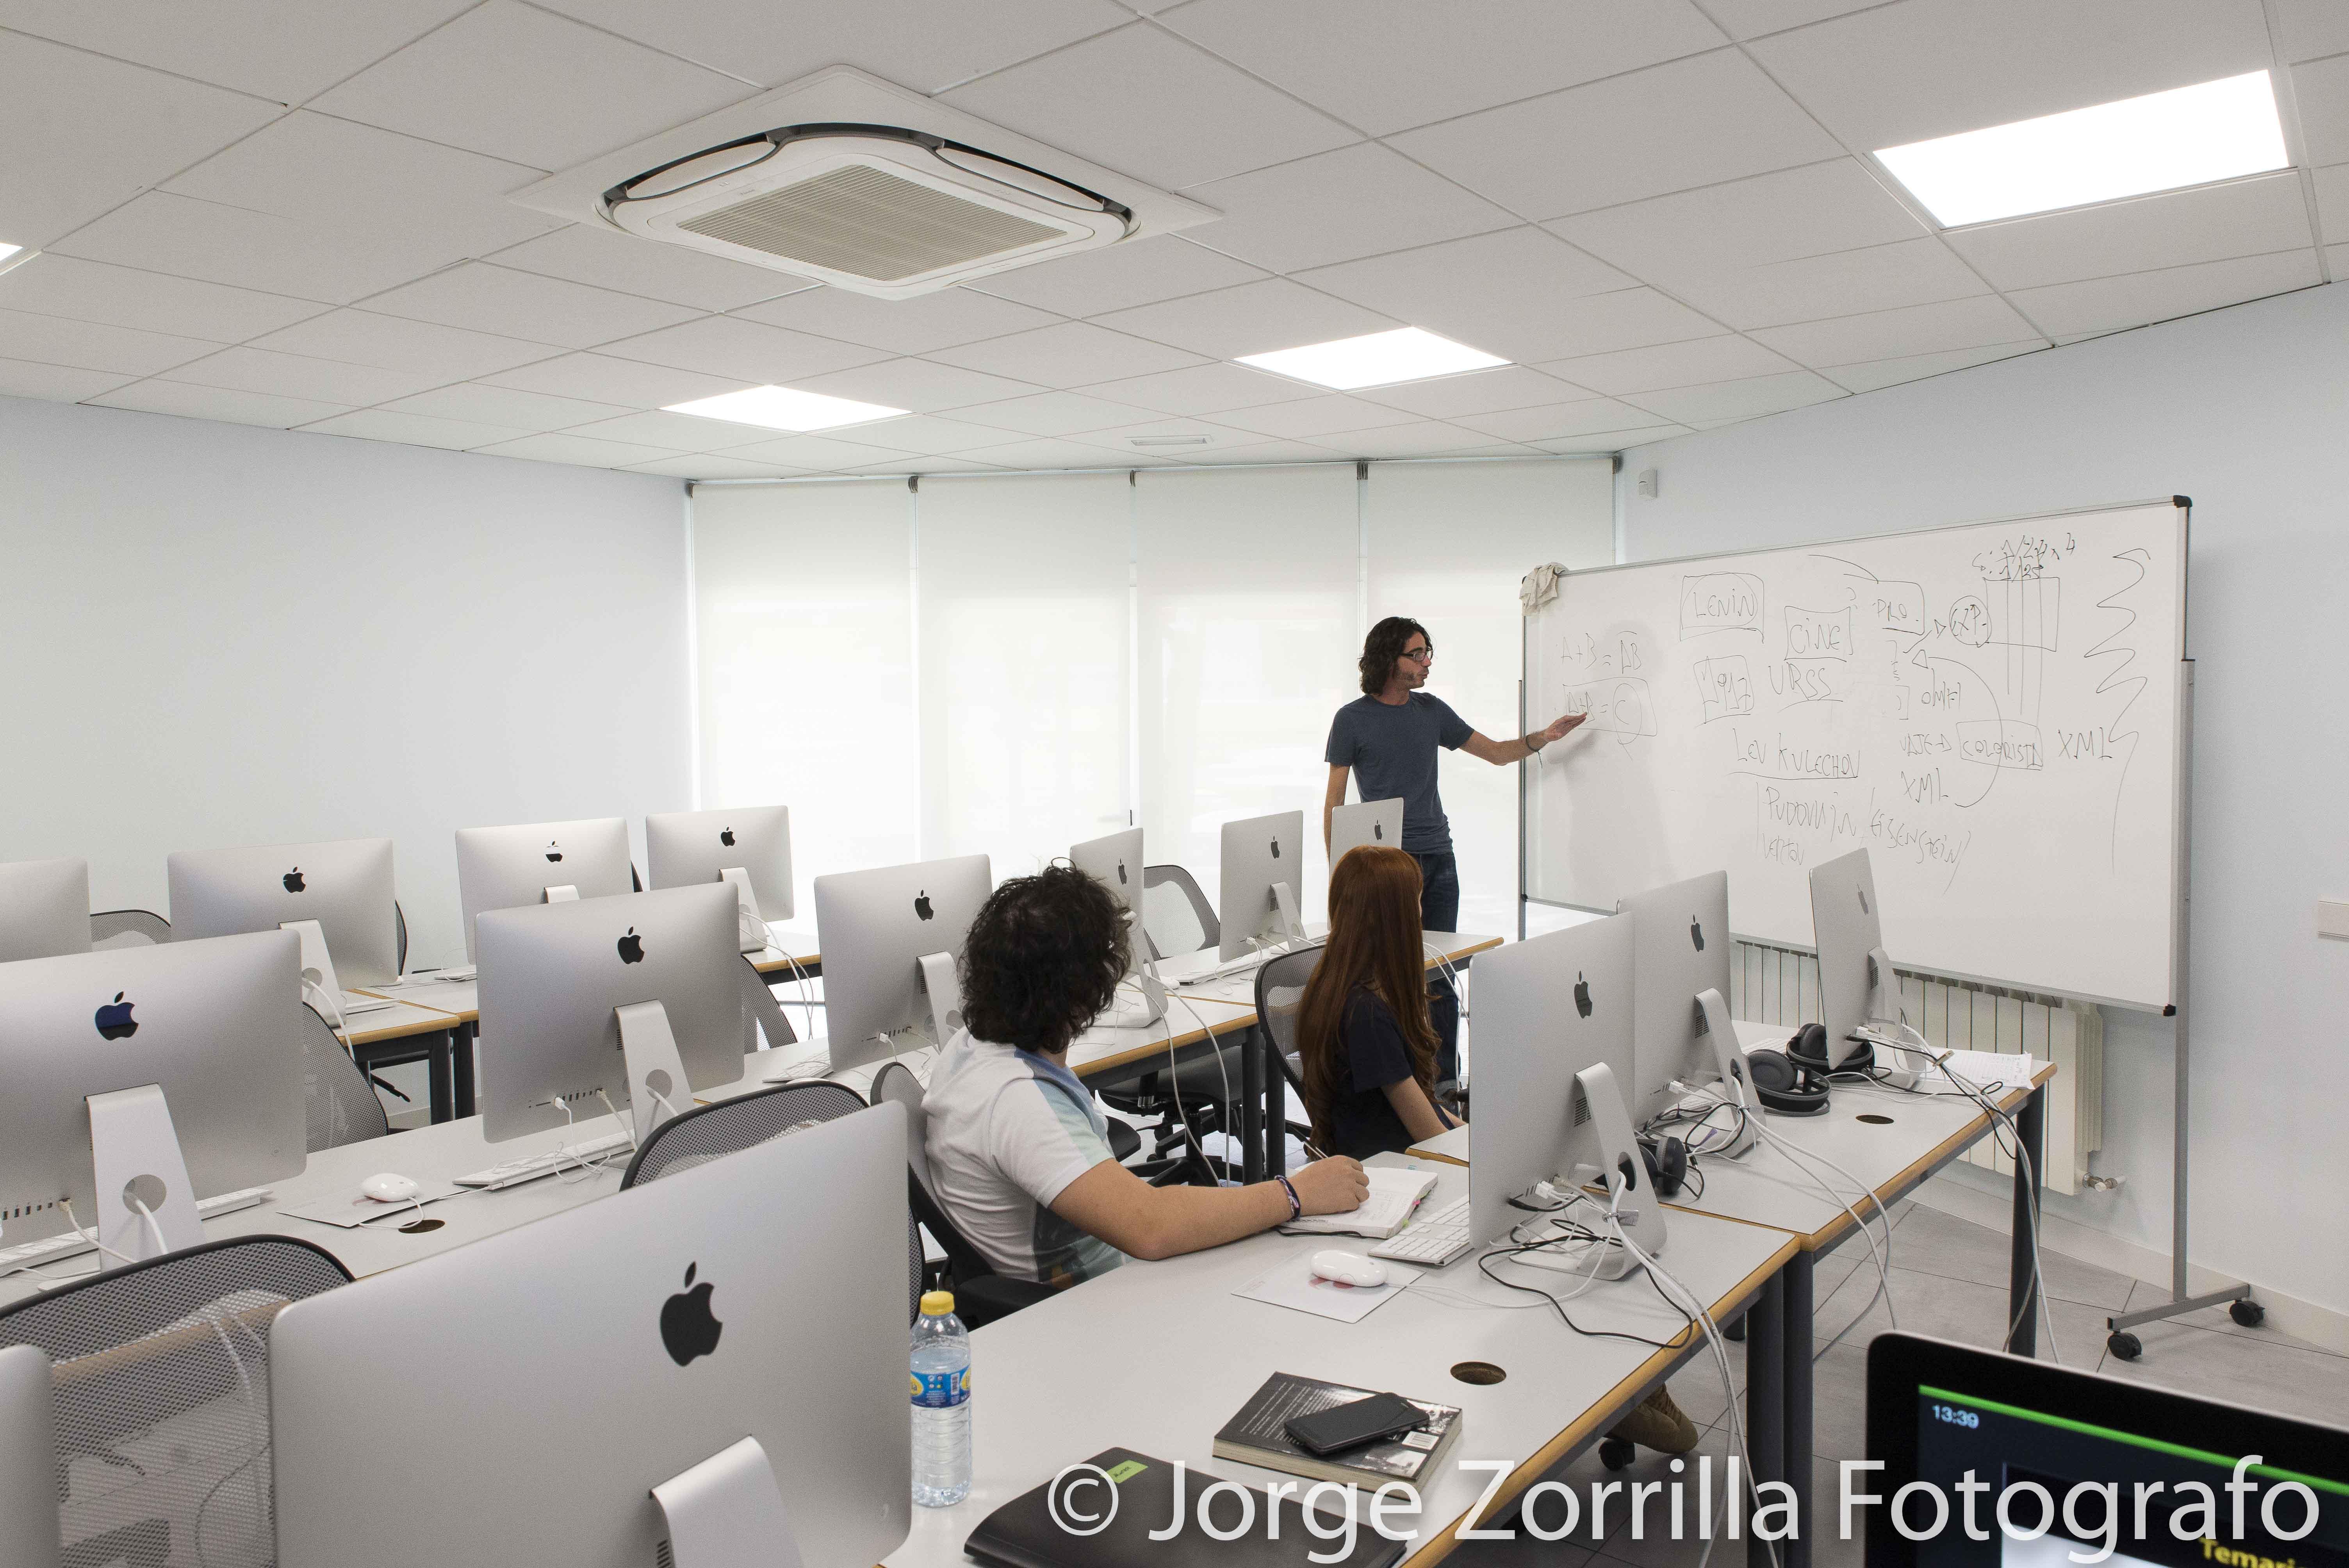 Fotografía Aula de Informática de Universidad Camilo Jose Cela en Madrid © Jorge Zorrilla Fotógrafo